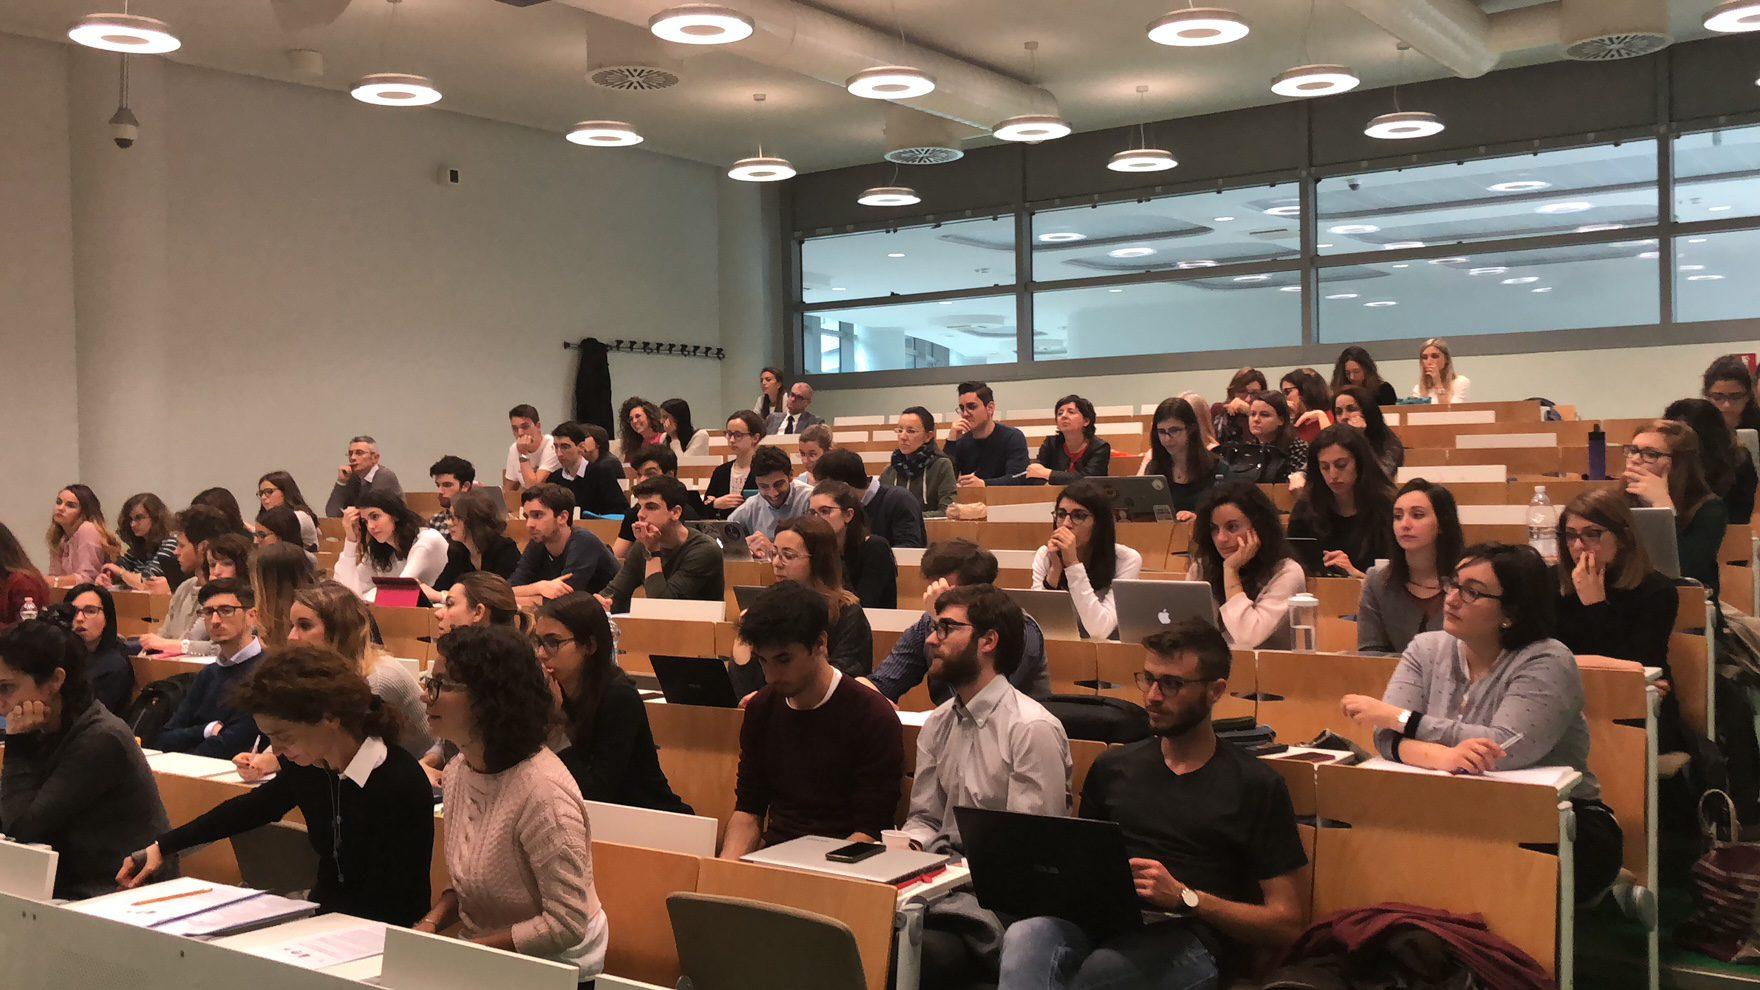 Relazioni industriale all'Università di Torino